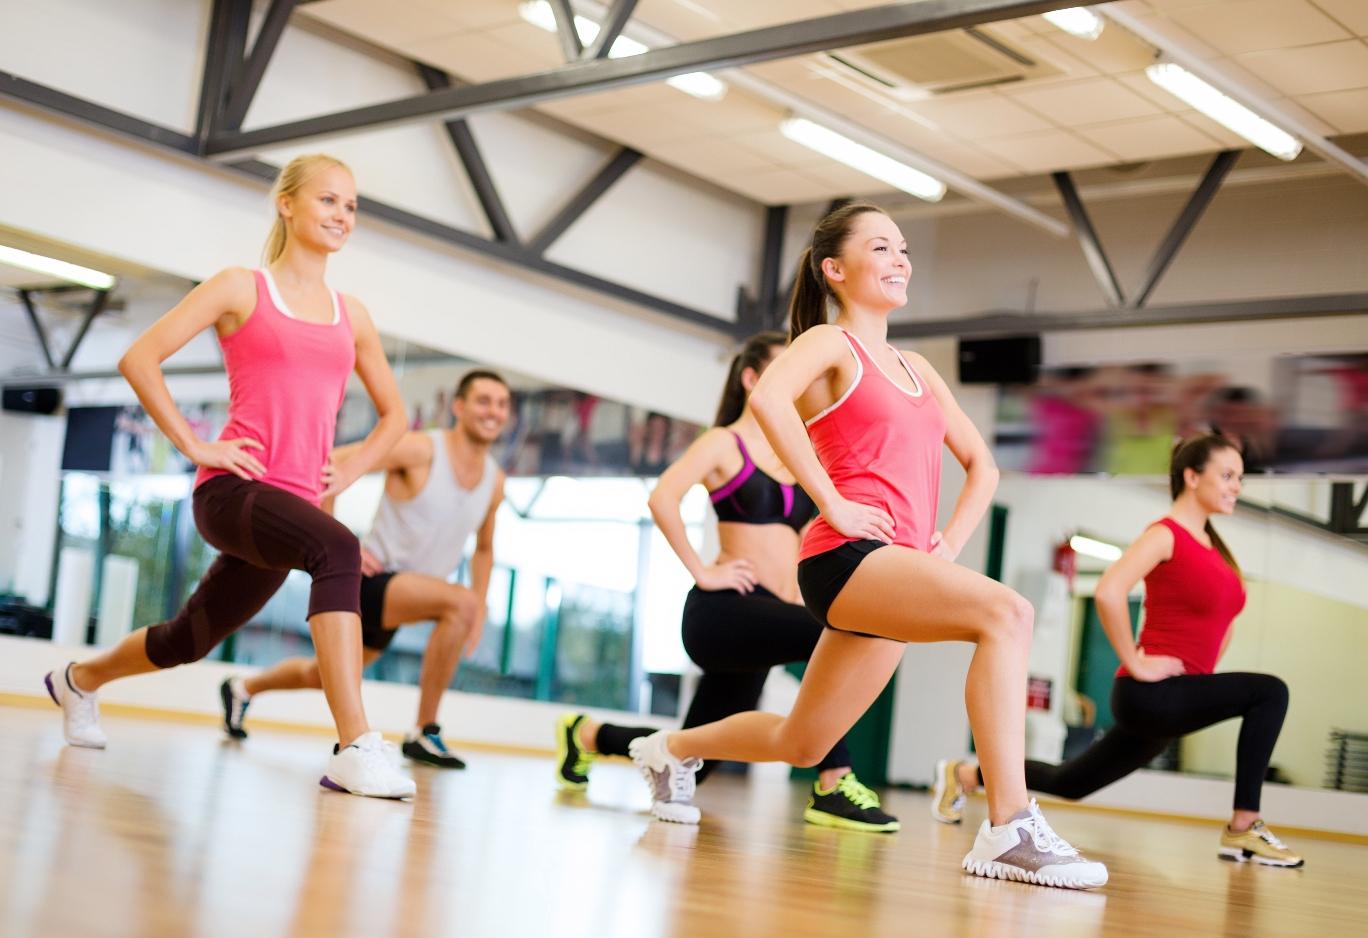 Где купить абонемент в фитнес клуб во Владивостоке?